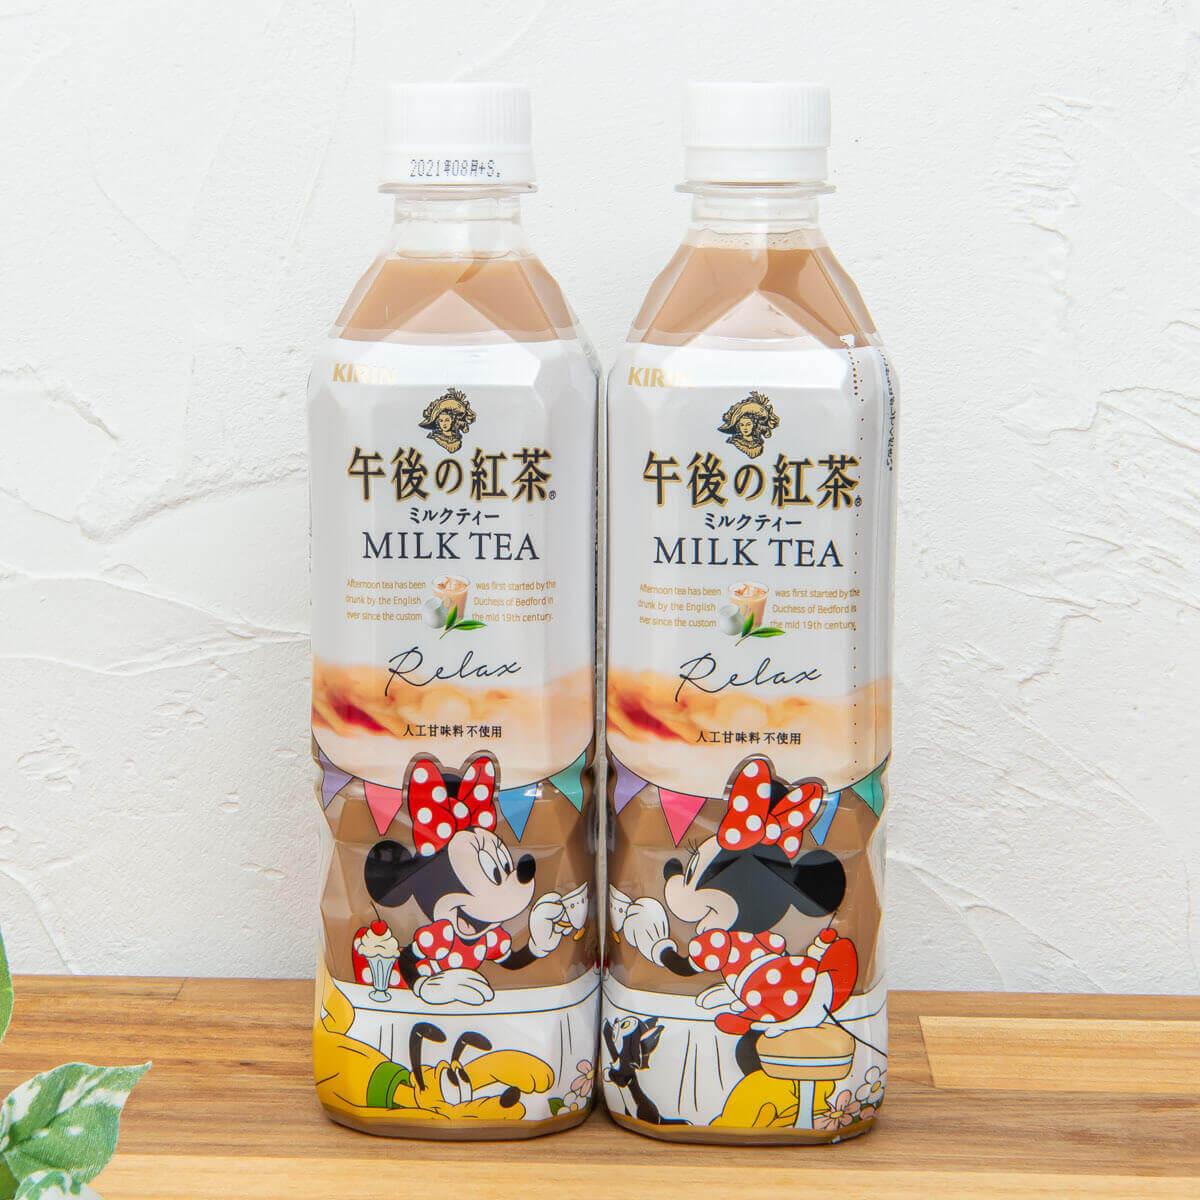 キリン 午後の紅茶 ミルクティー ミニーマウス